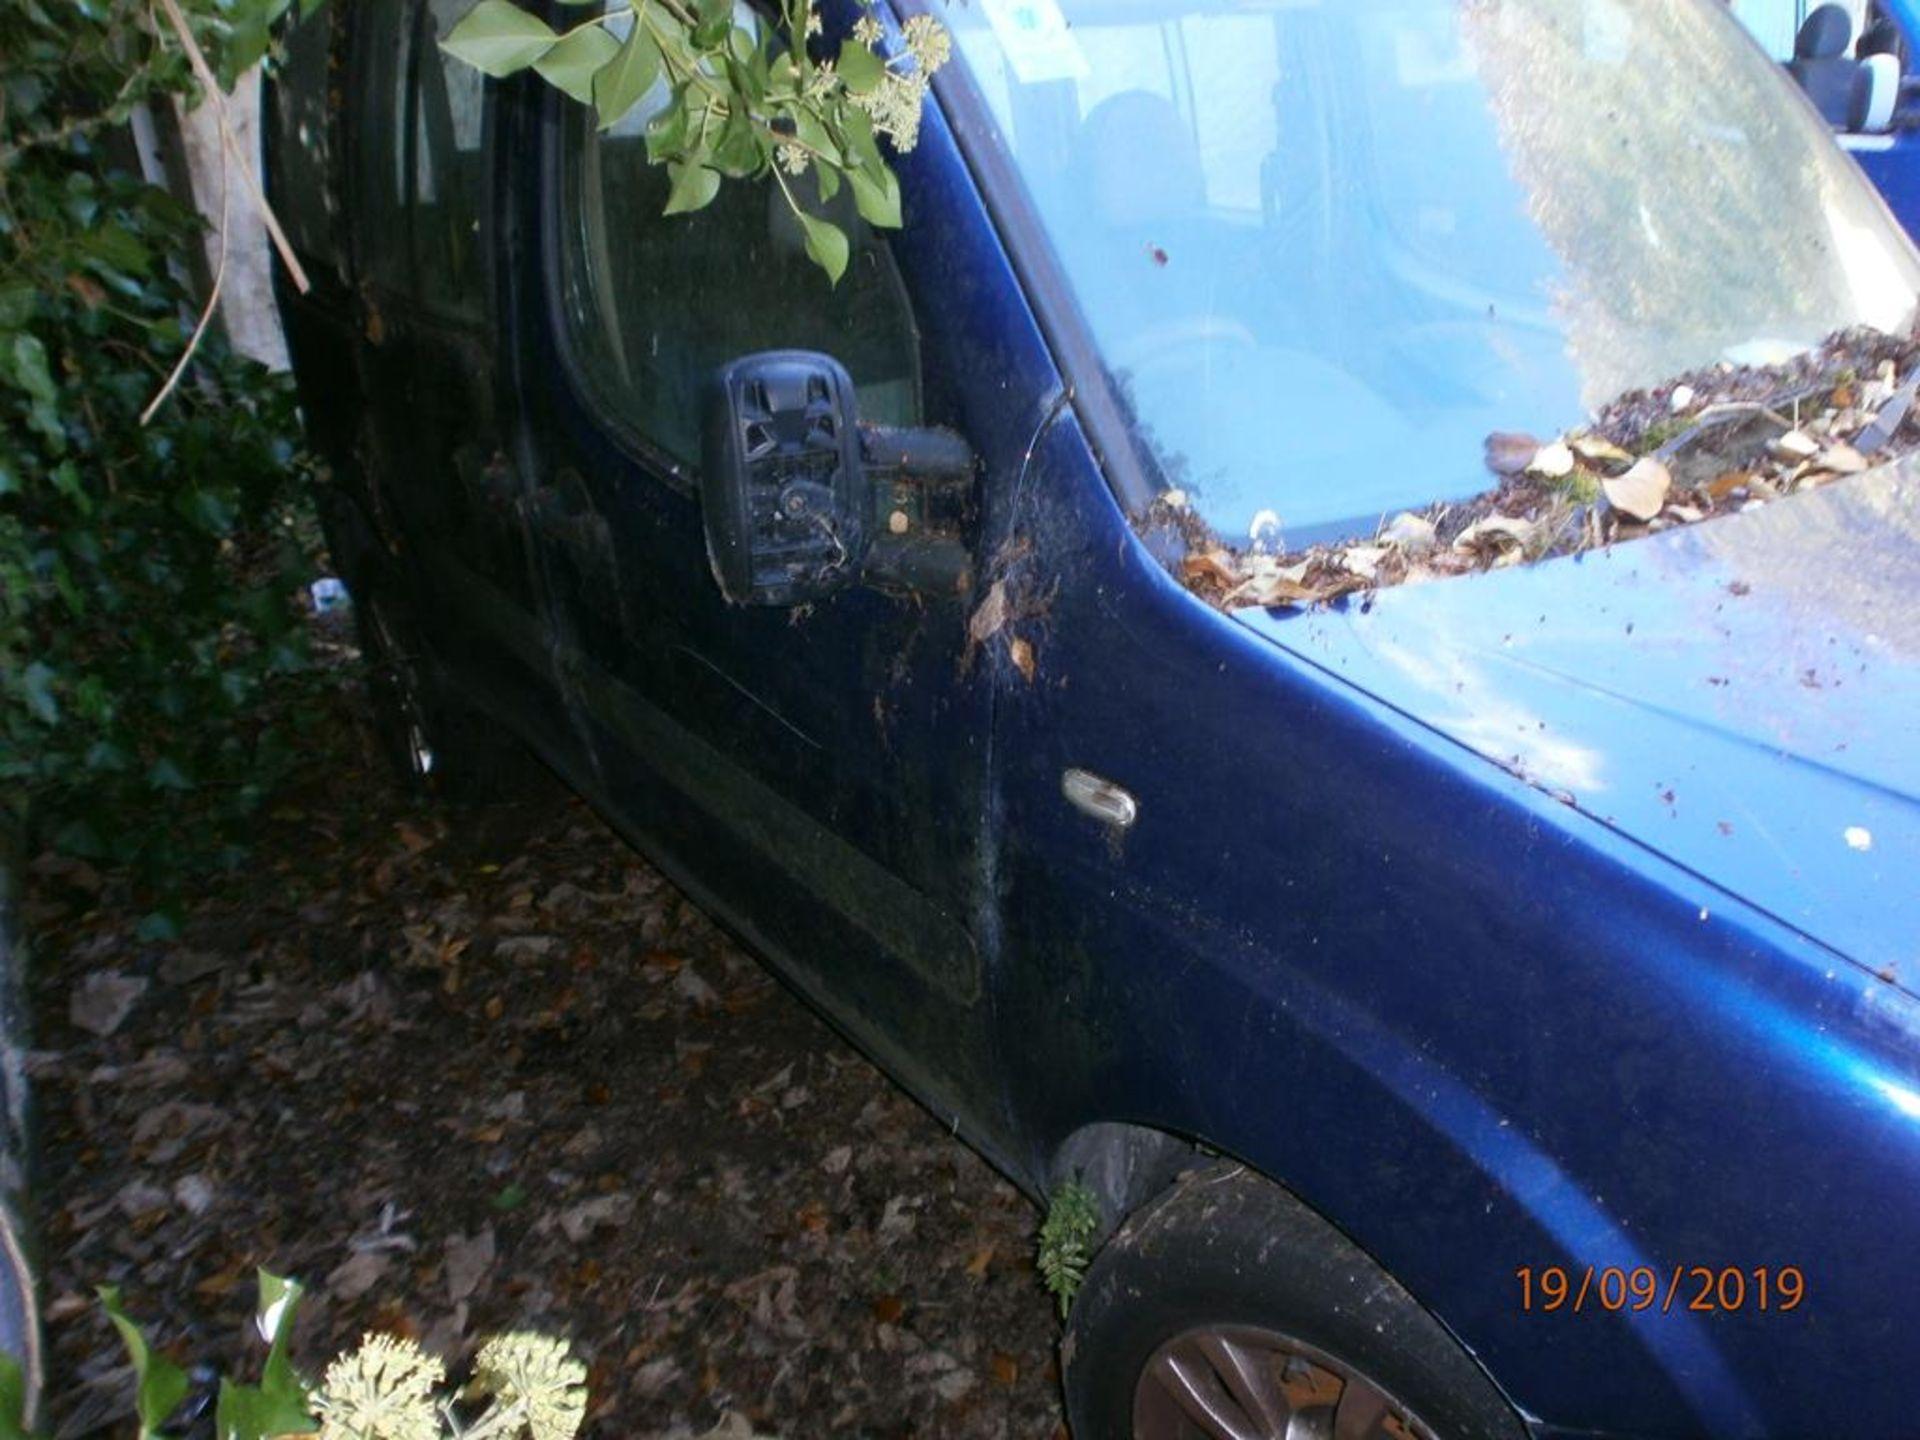 Lot 34 - Fiat Doblo 1.3D Van